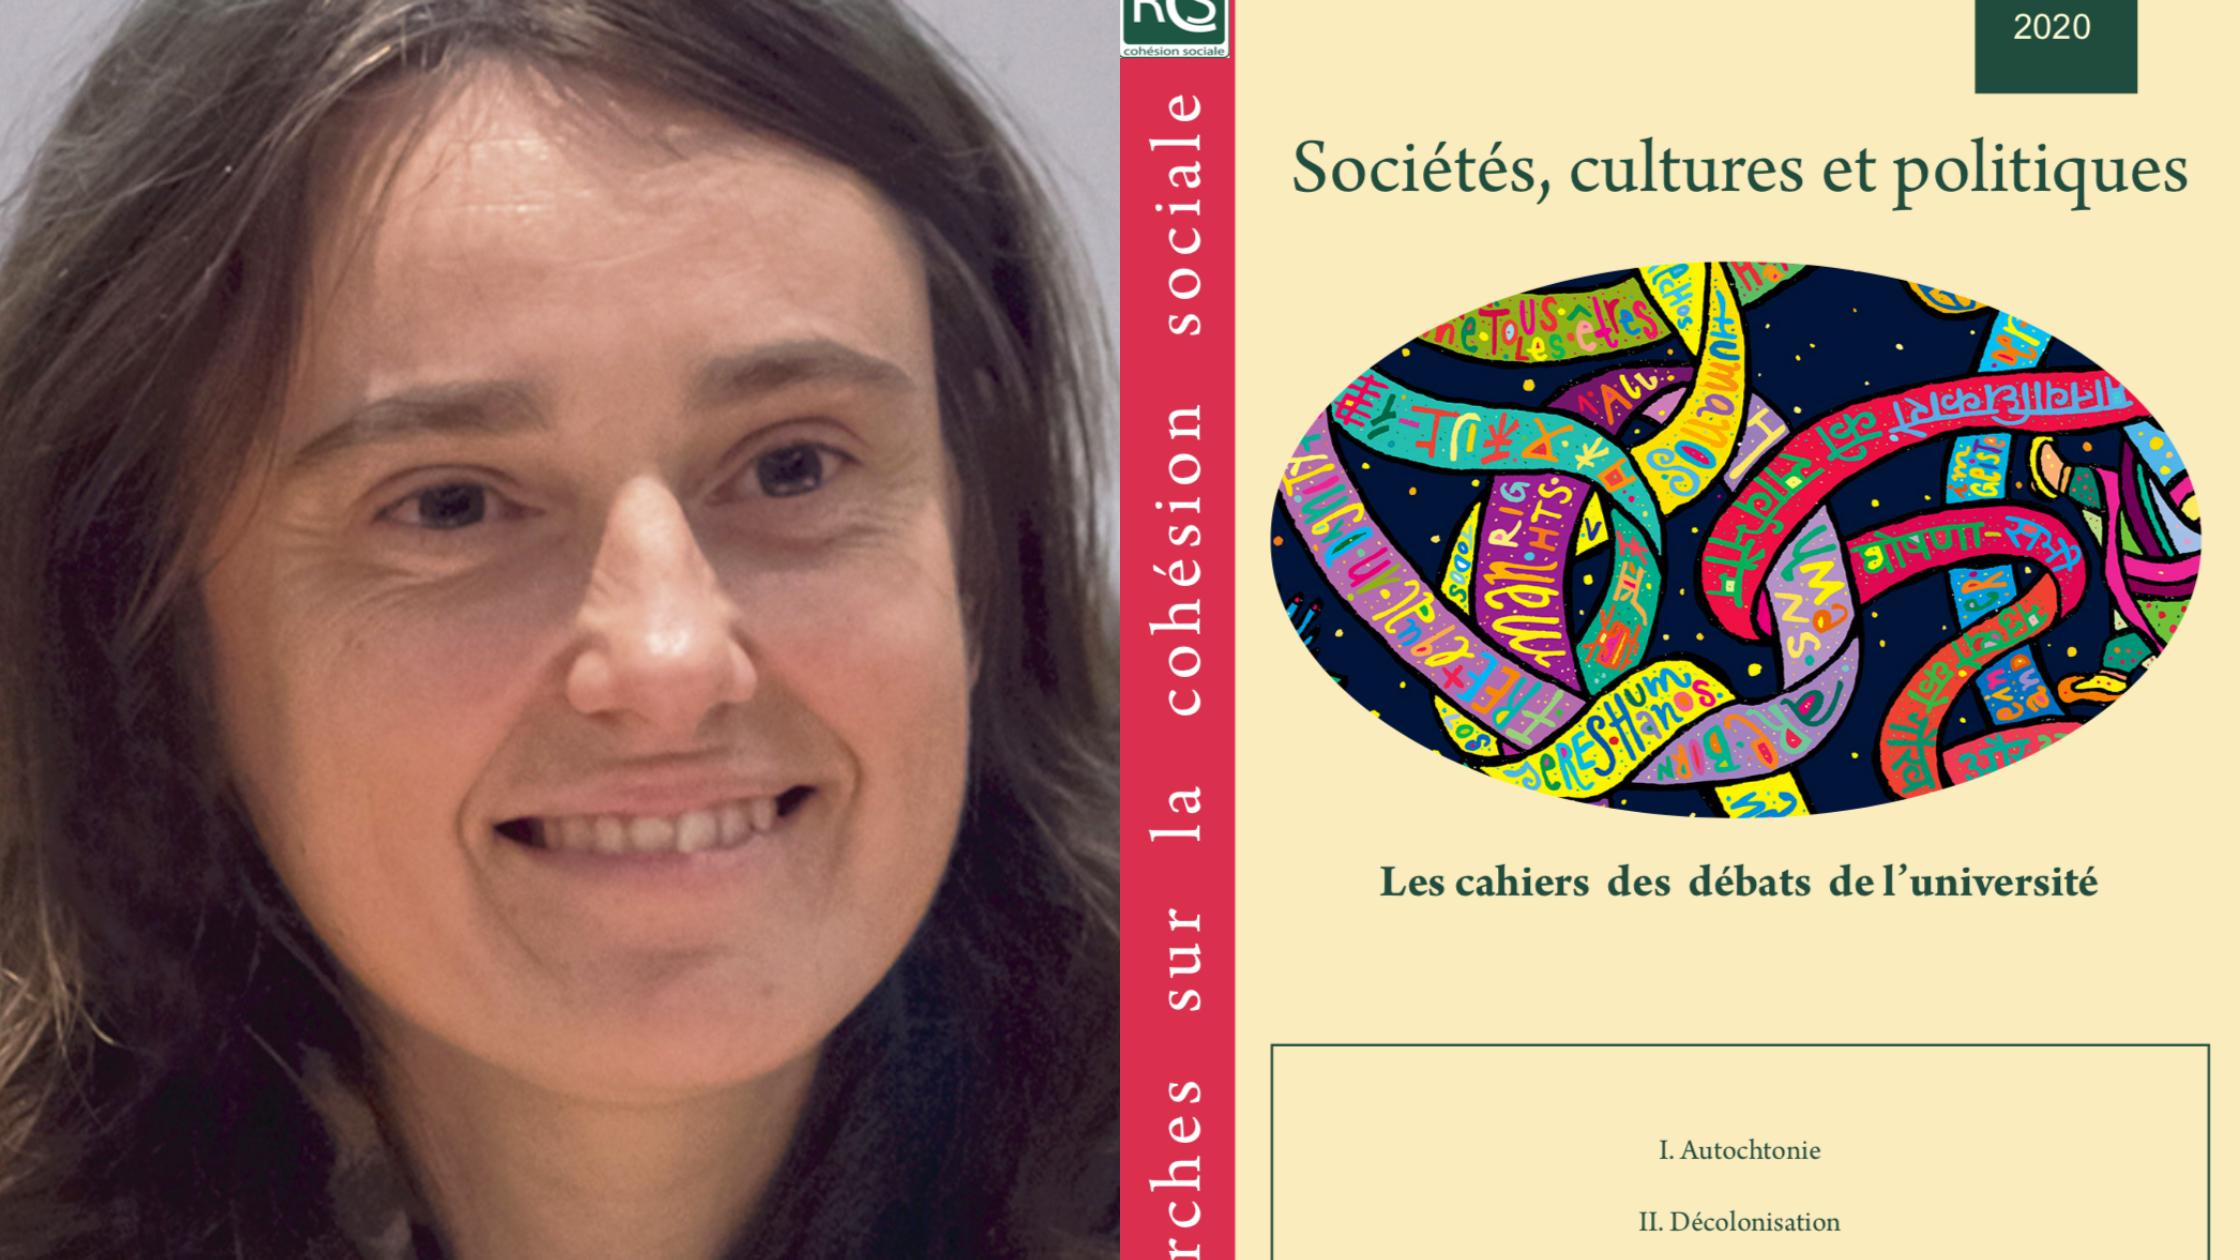 Un cycle de conférences et une revue consacrés aux sociétés, cultures et politiques en Outre-mer